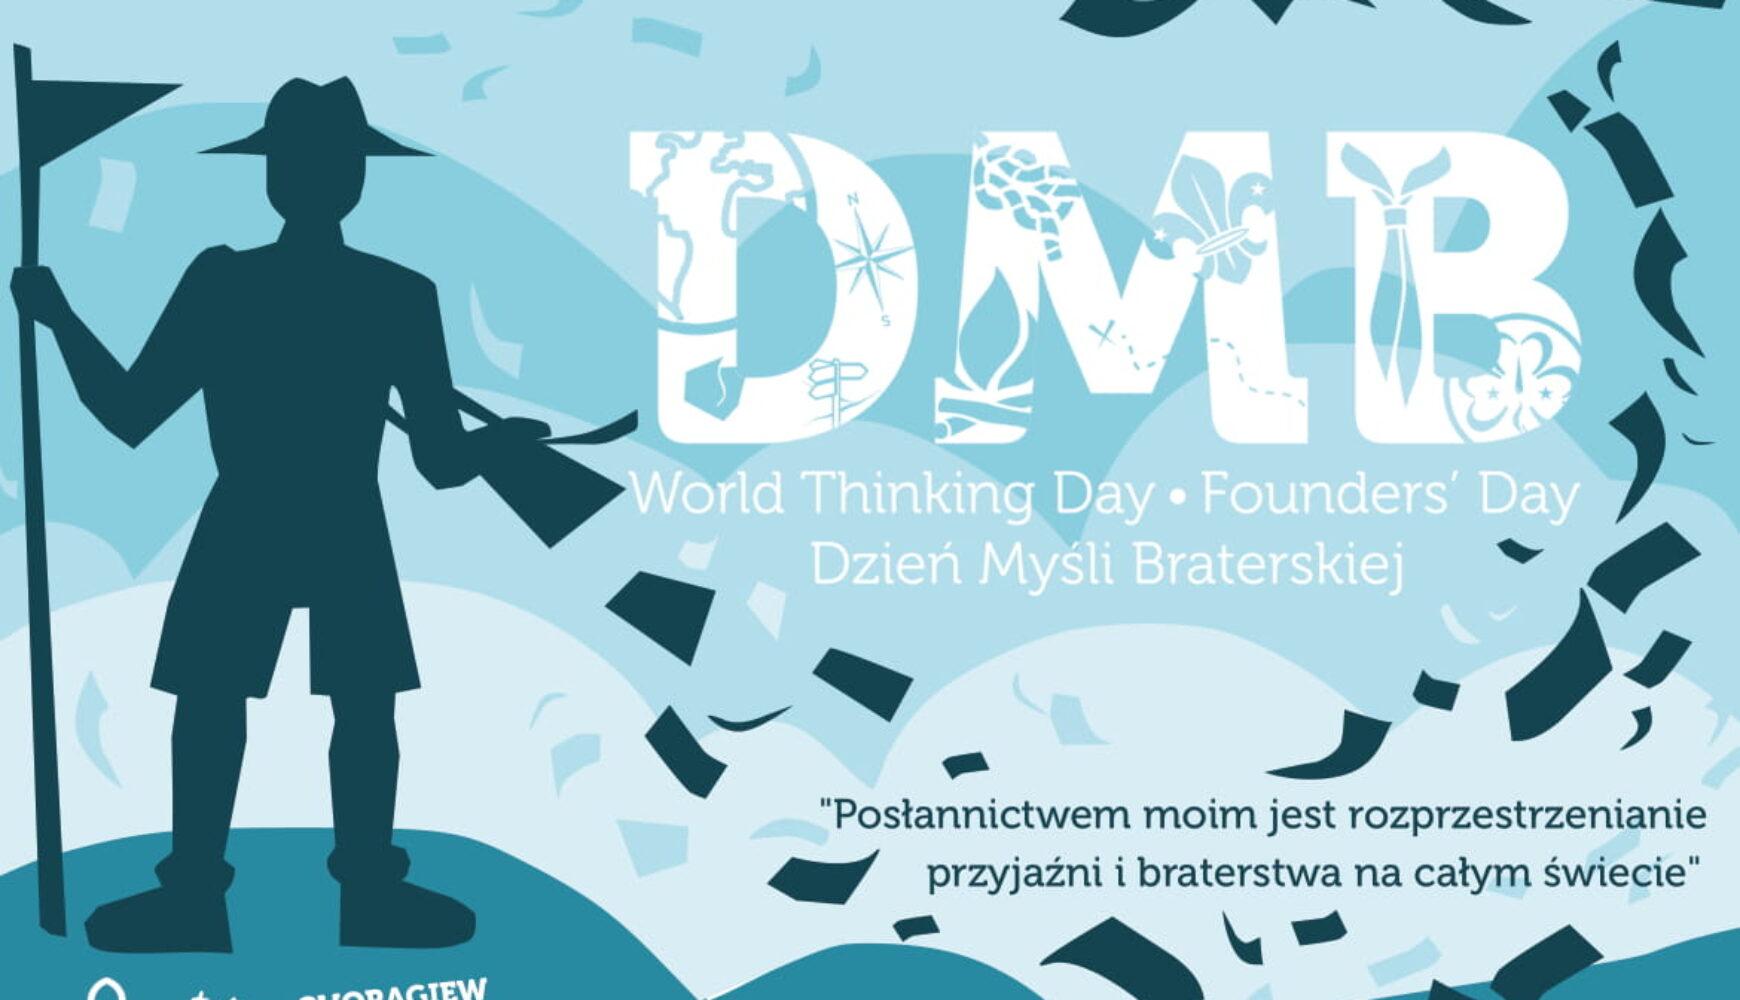 Wyniki konkursu na pocztówkę z okazji DMB 2021